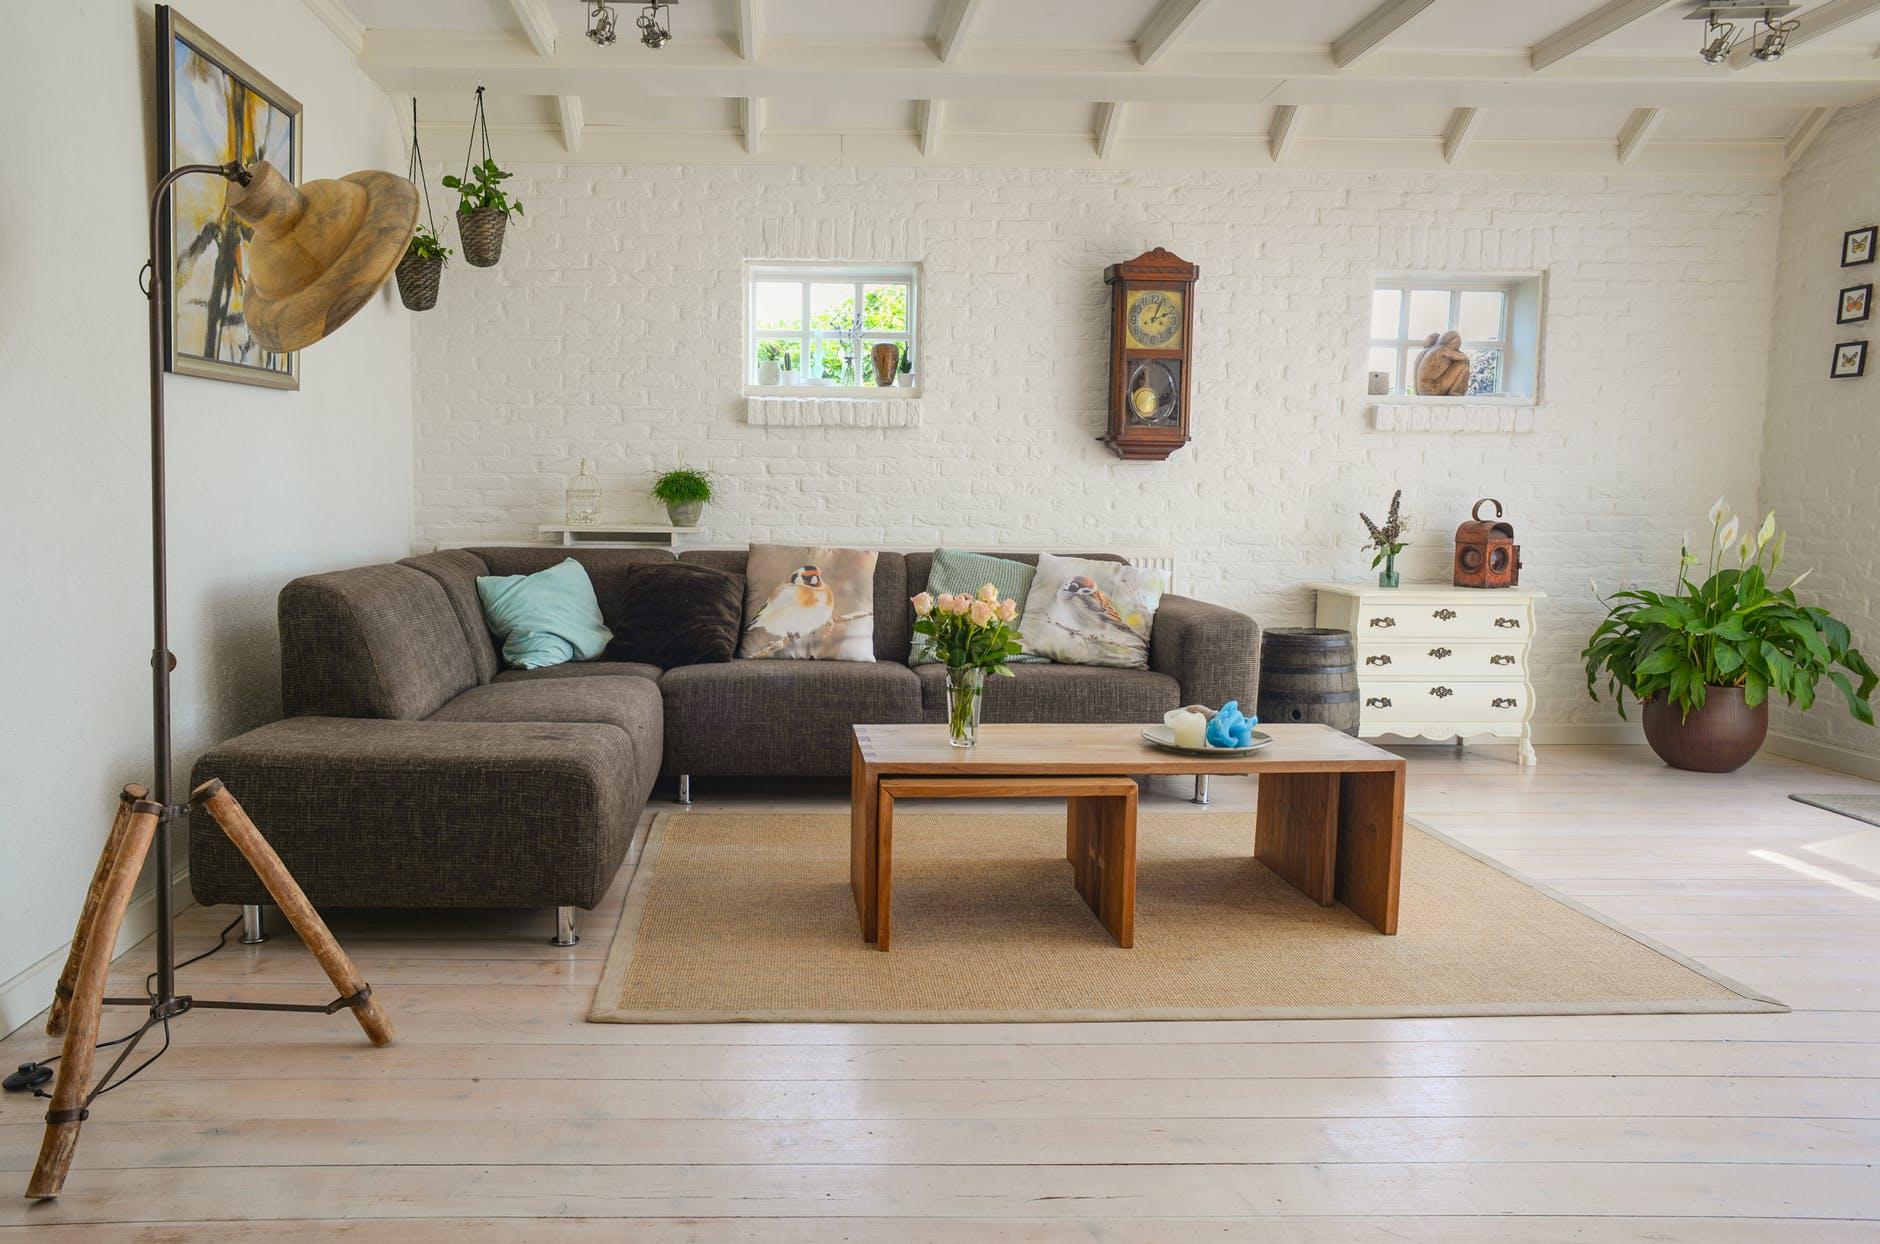 interioren-dizain-greshki